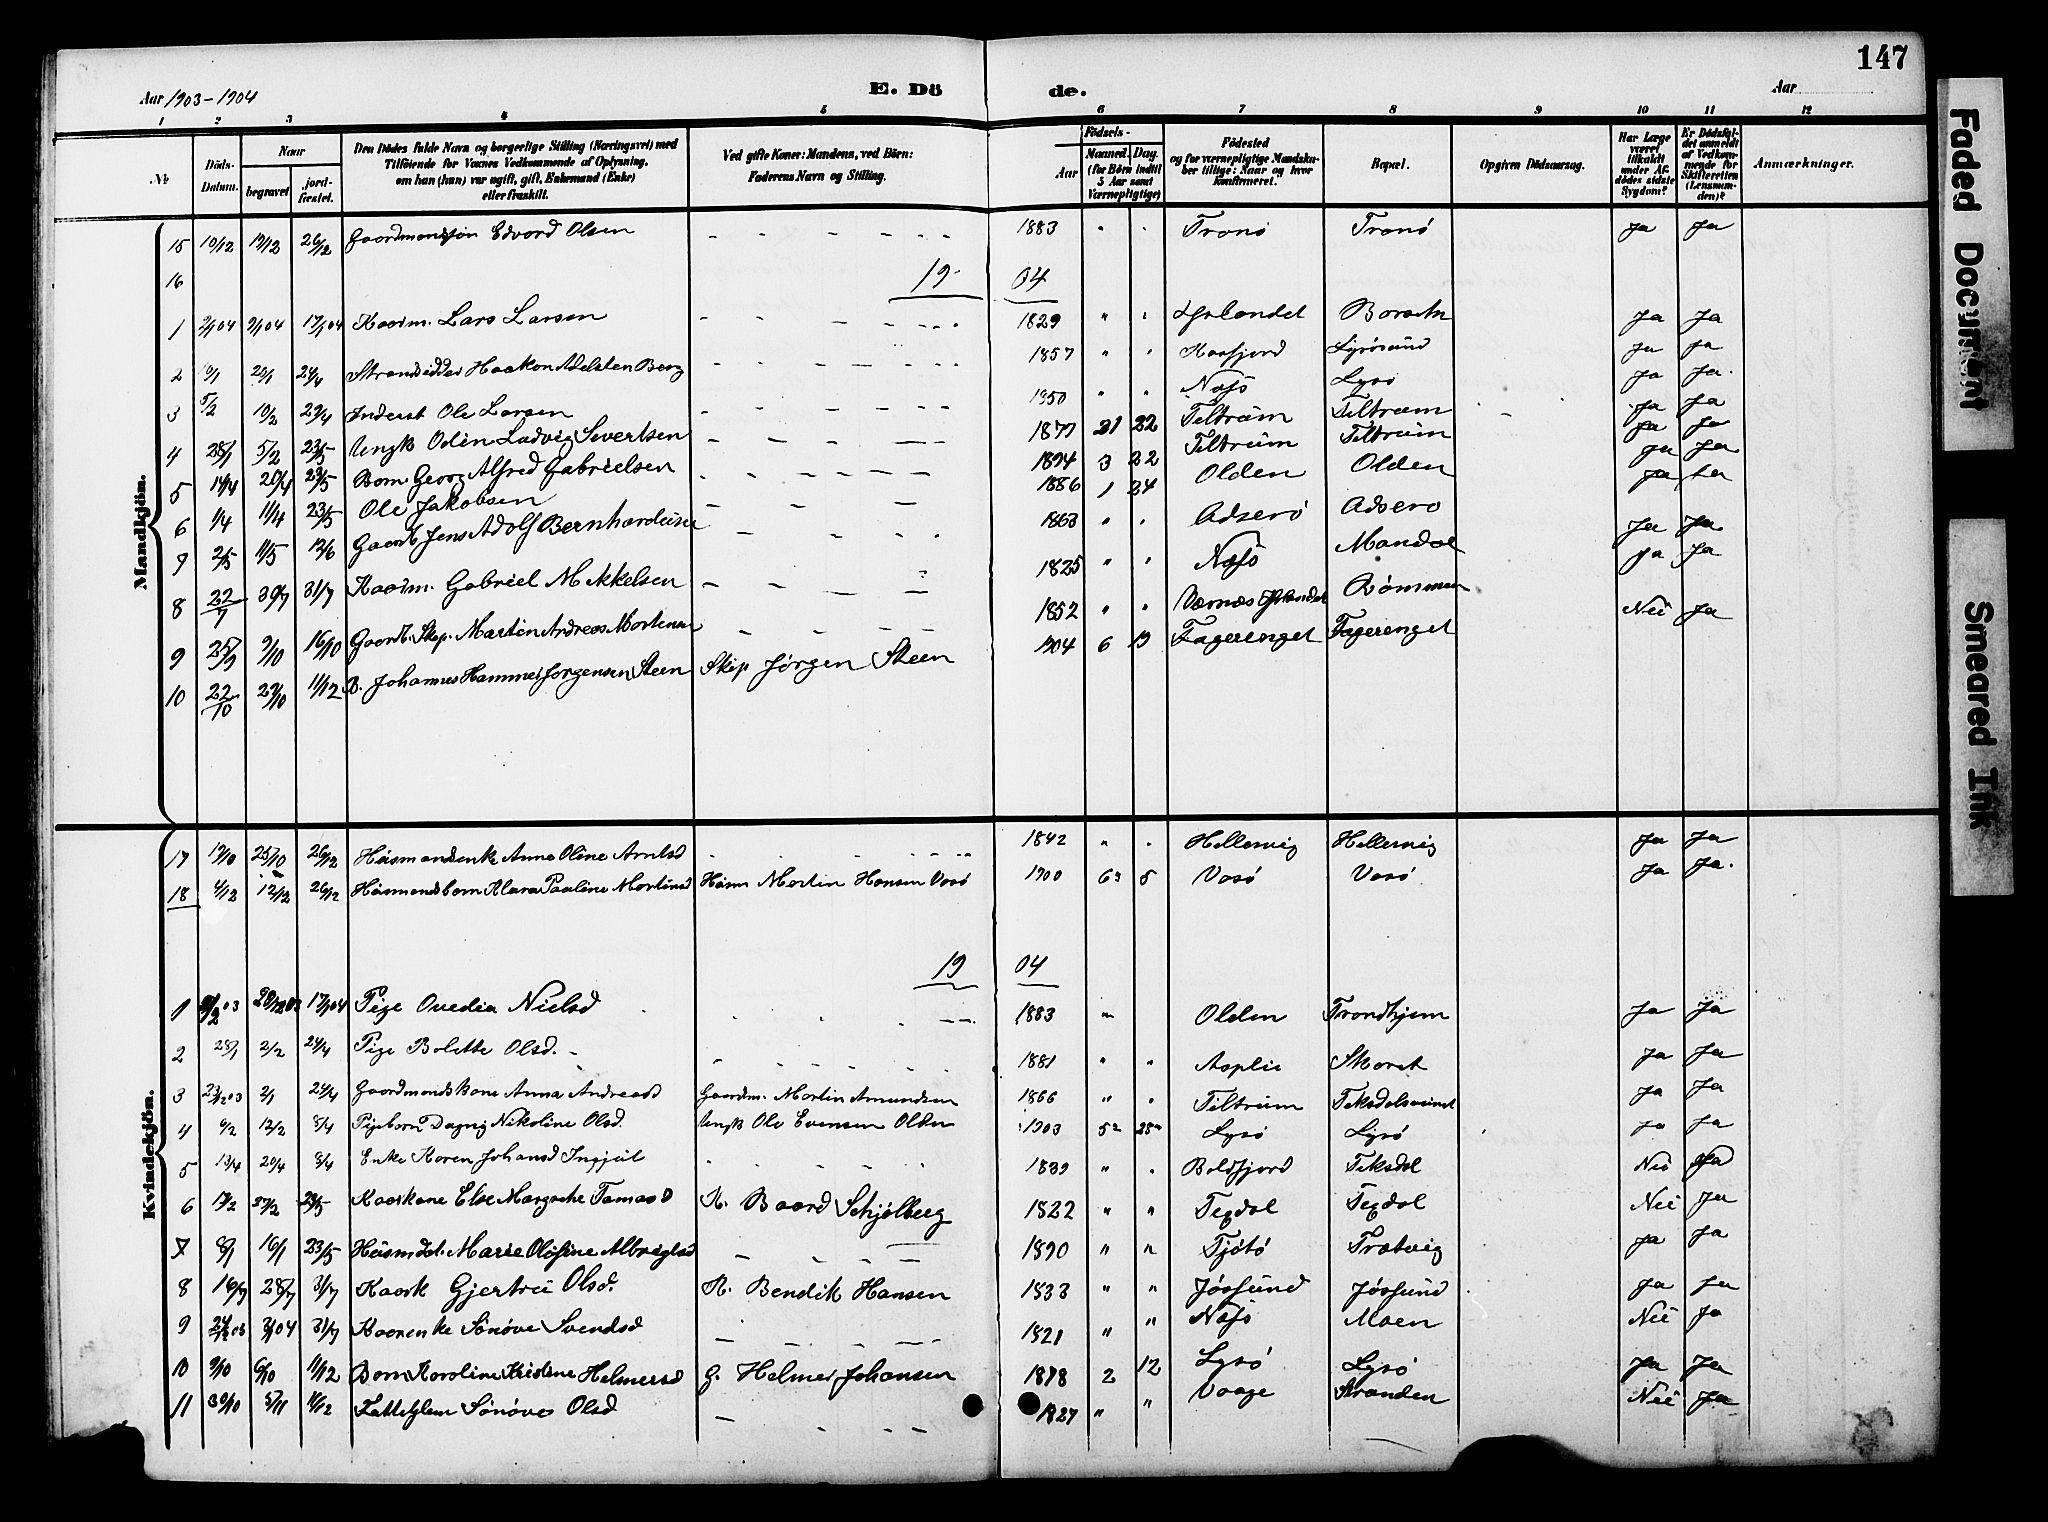 SAT, Ministerialprotokoller, klokkerbøker og fødselsregistre - Sør-Trøndelag, 654/L0666: Klokkerbok nr. 654C02, 1901-1925, s. 147